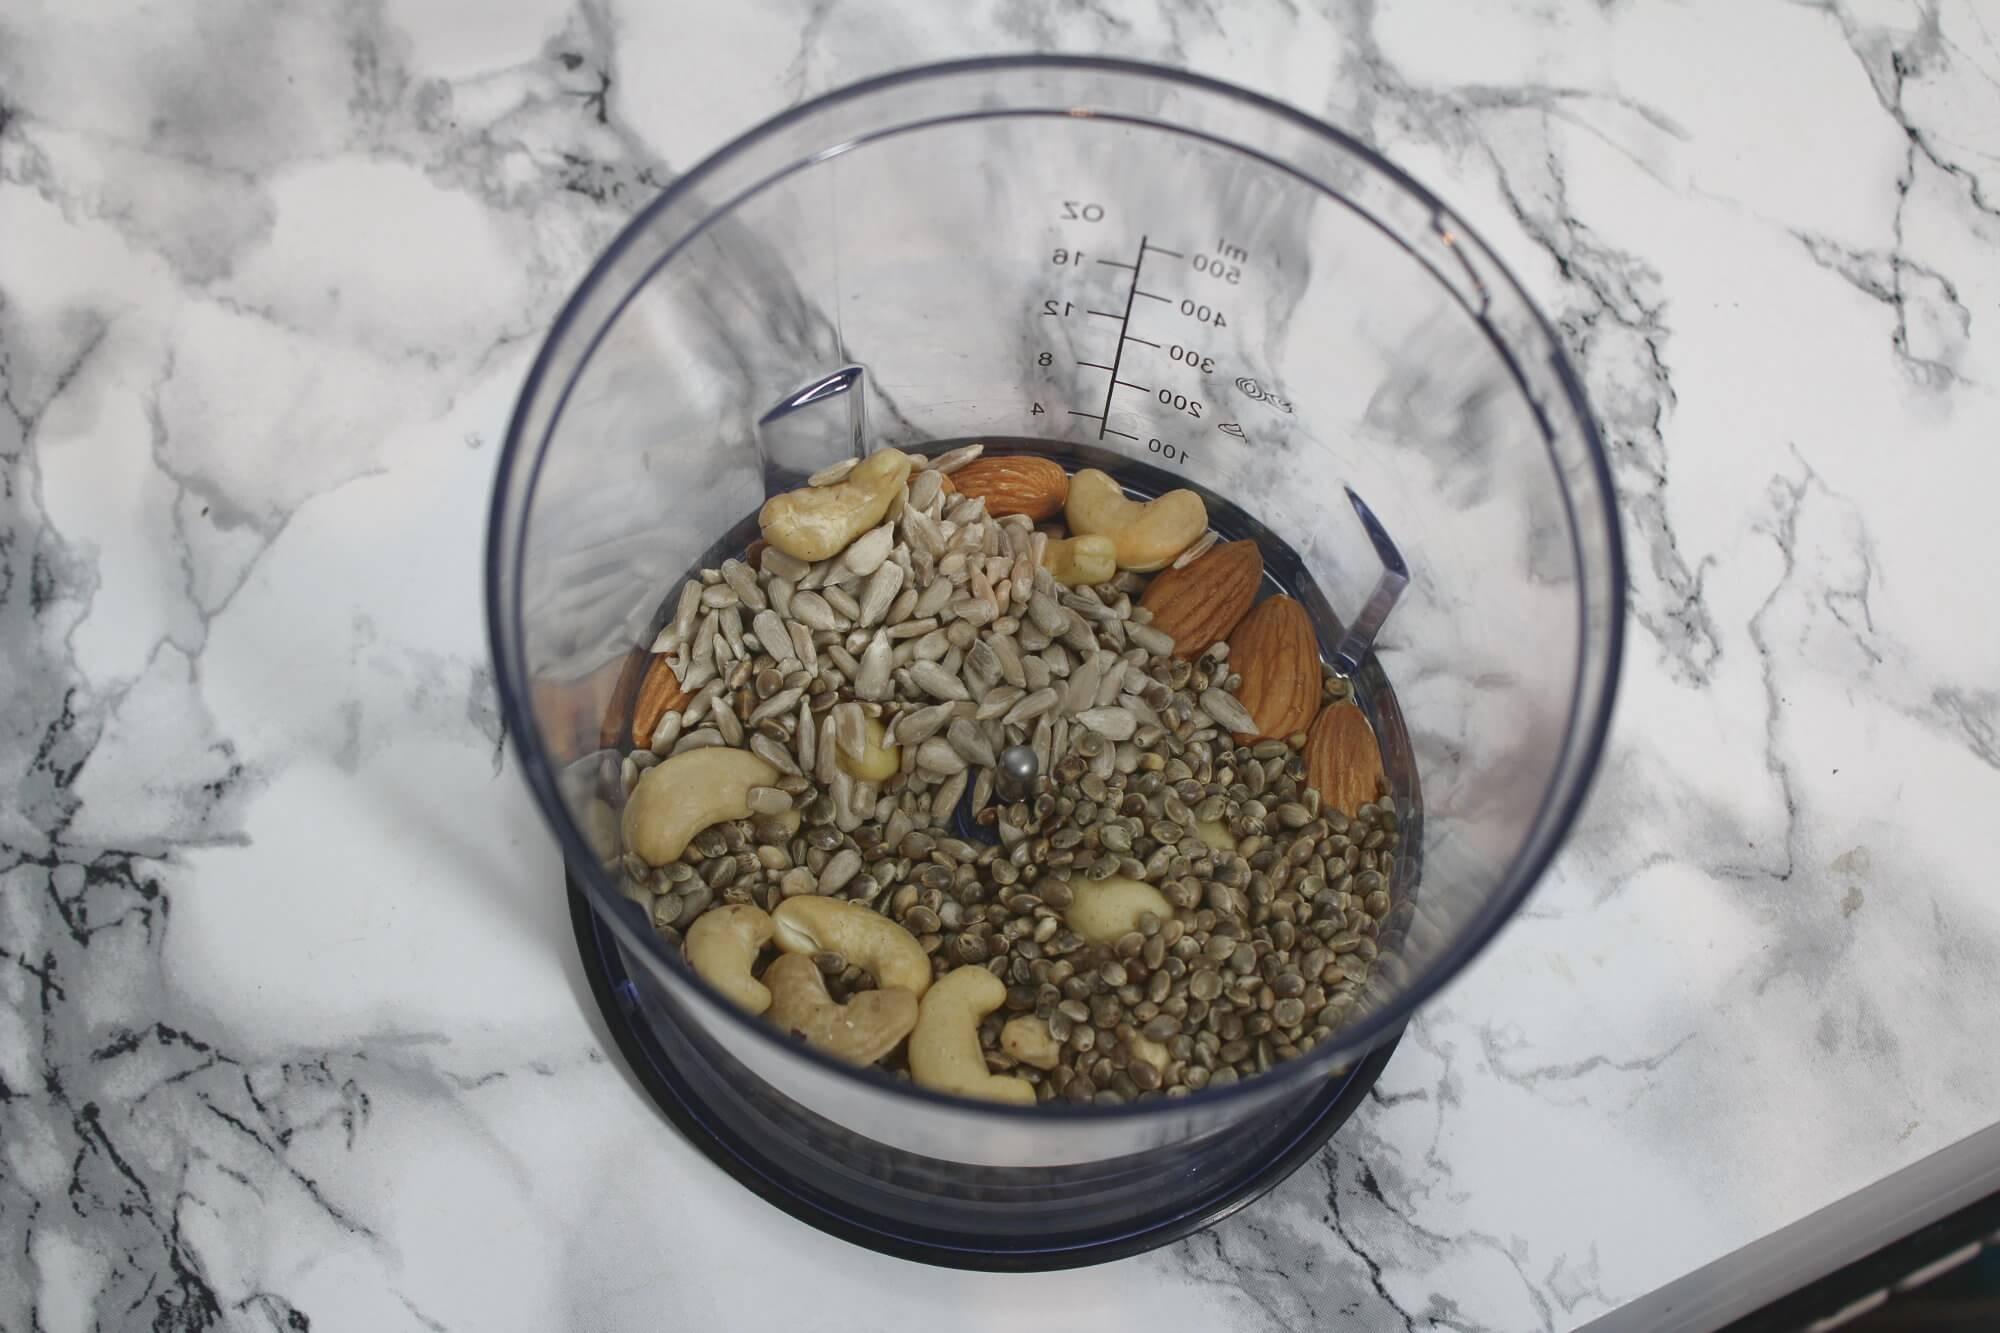 Knuspermüsli selber machen: Nussmischung als Zutaten